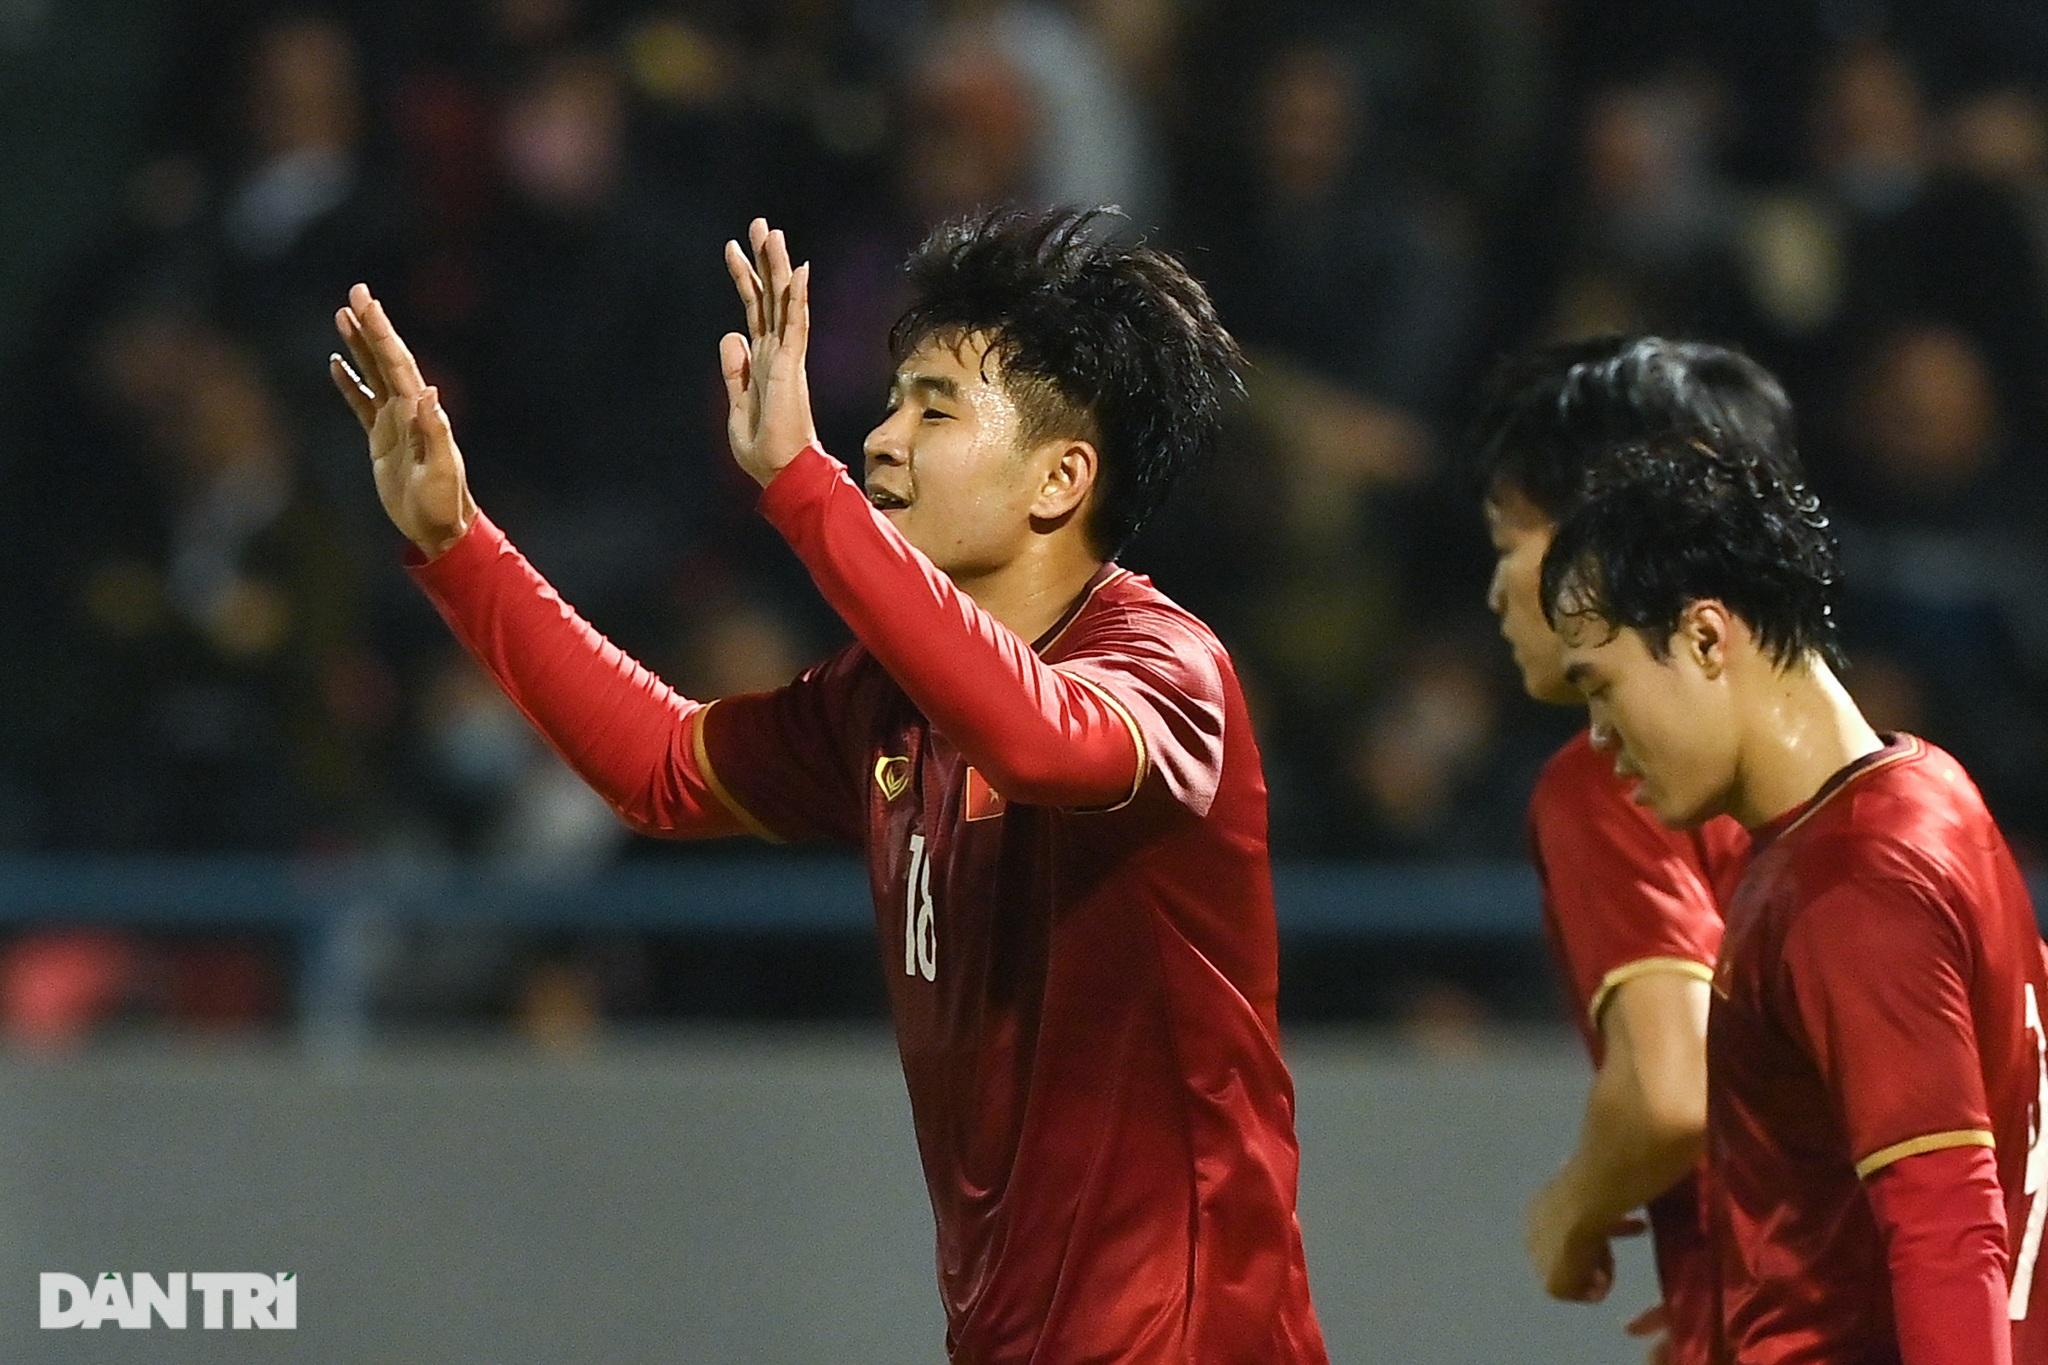 Văn Quyết ghi điểm trong chiến thắng của tuyển Việt Nam trước đàn em U22 - 23